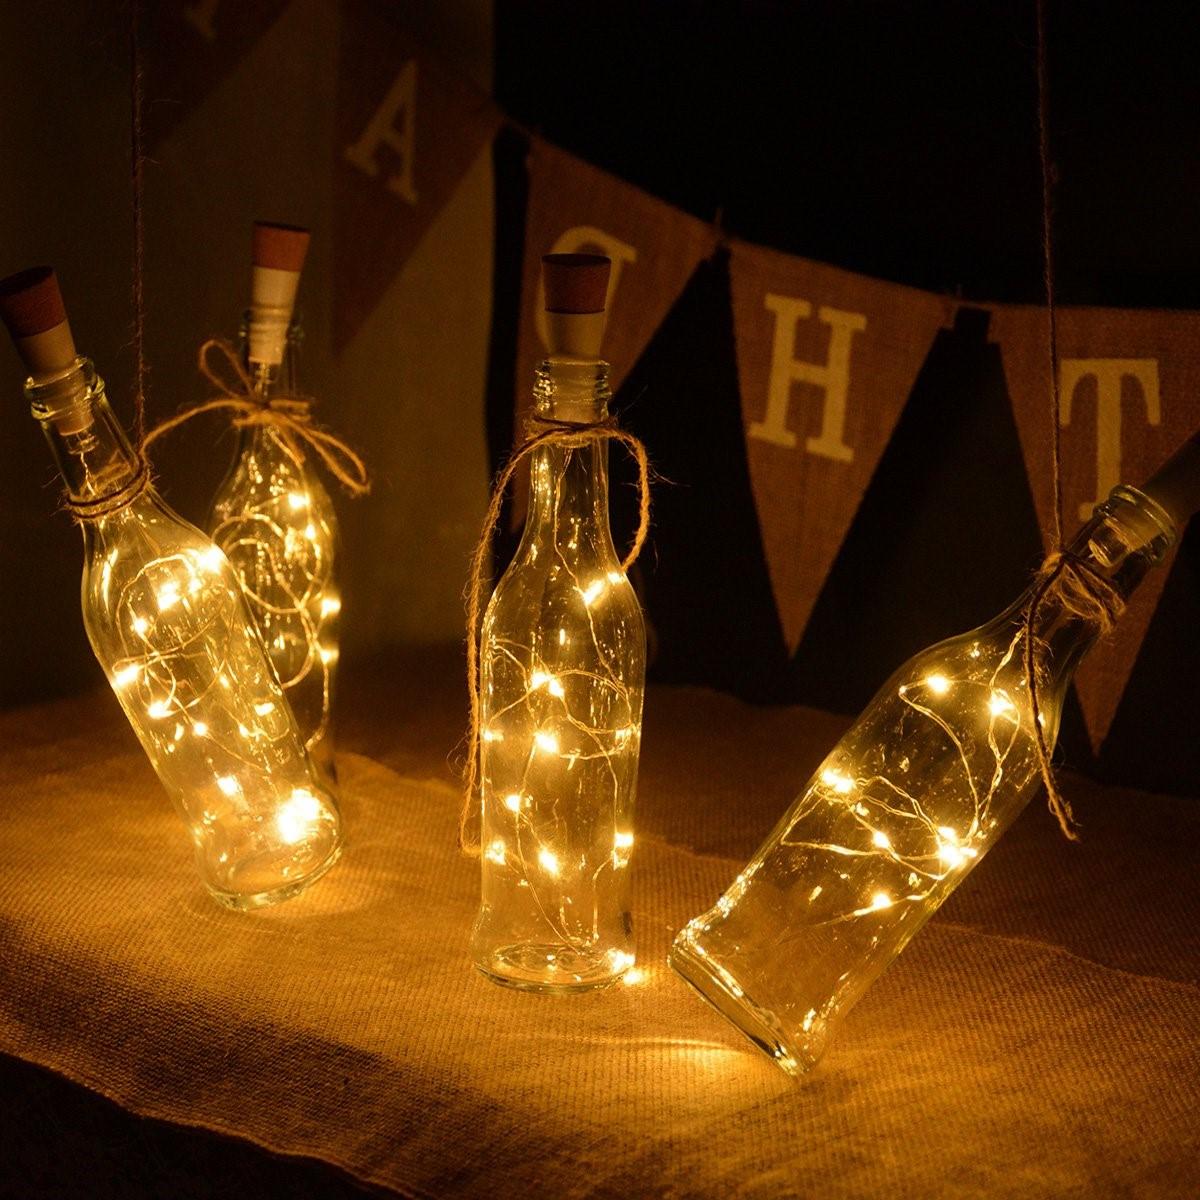 Avez-vous aimé l'idée des guirlandes lumineuses dans un pot? Ensuite, vous essayerez peut-être de faire la même chose avec des bouteilles.